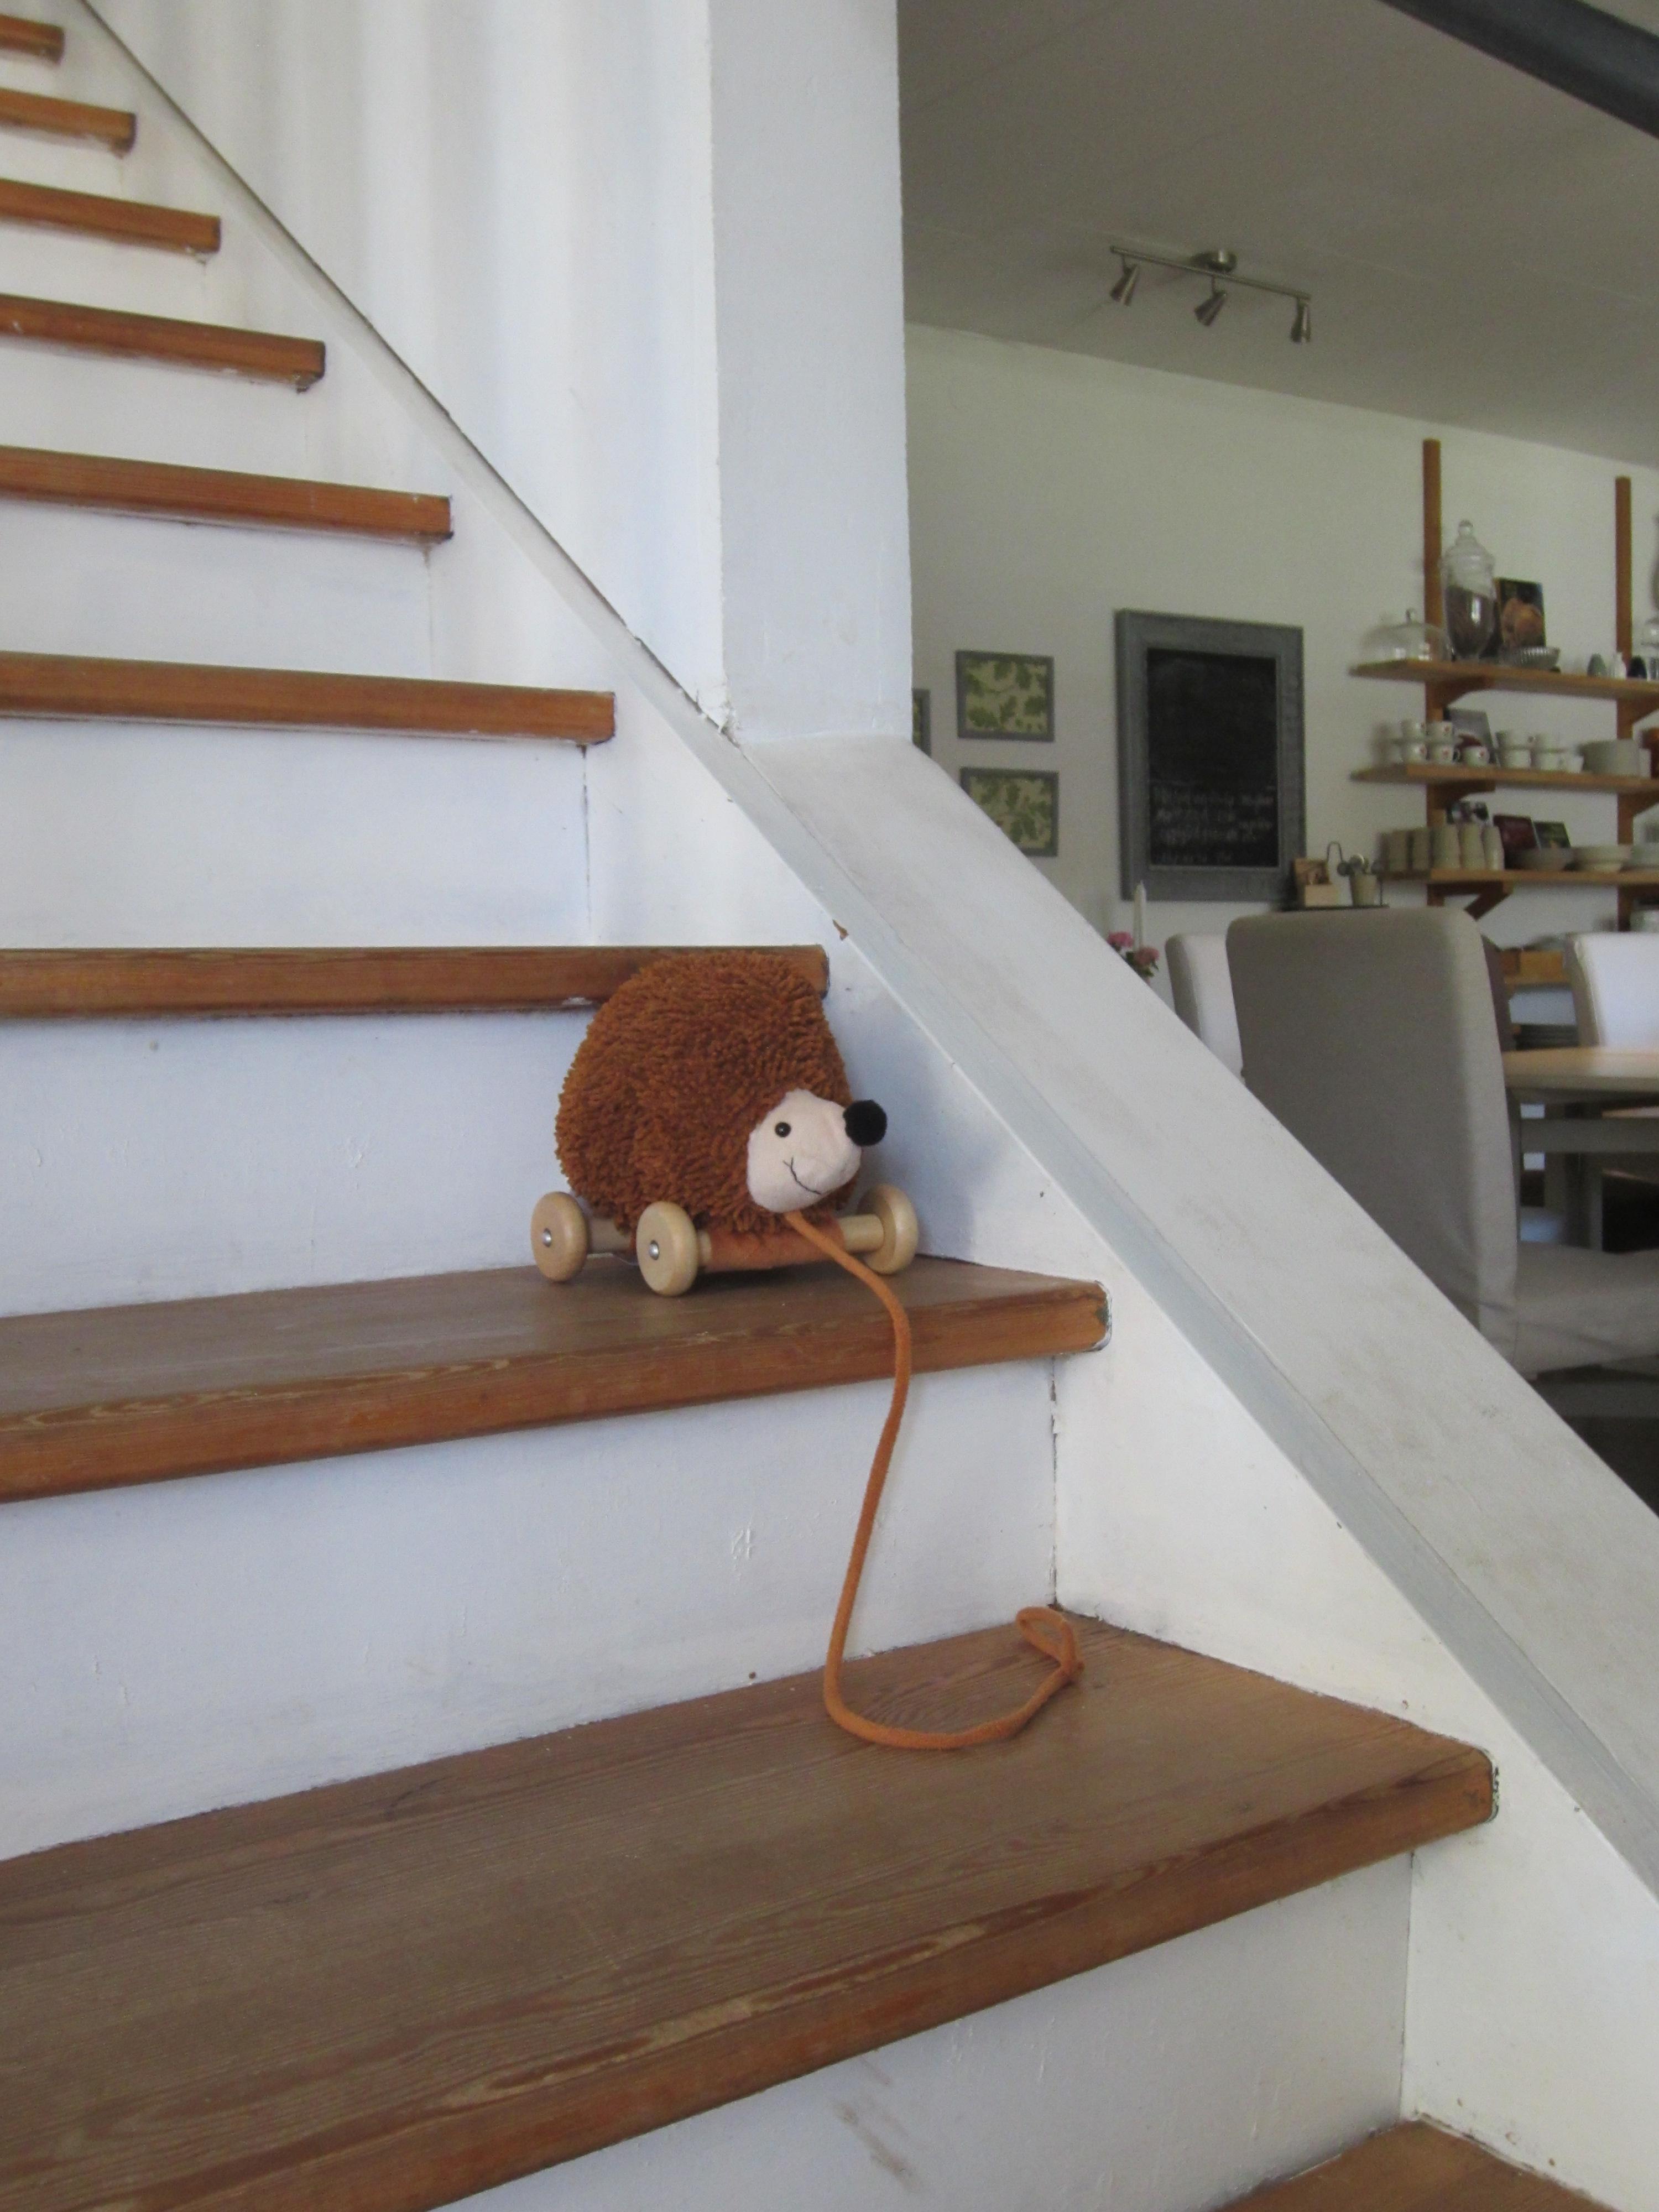 Sehr Treppendeko • Bilder & Ideen • COUCH ML38